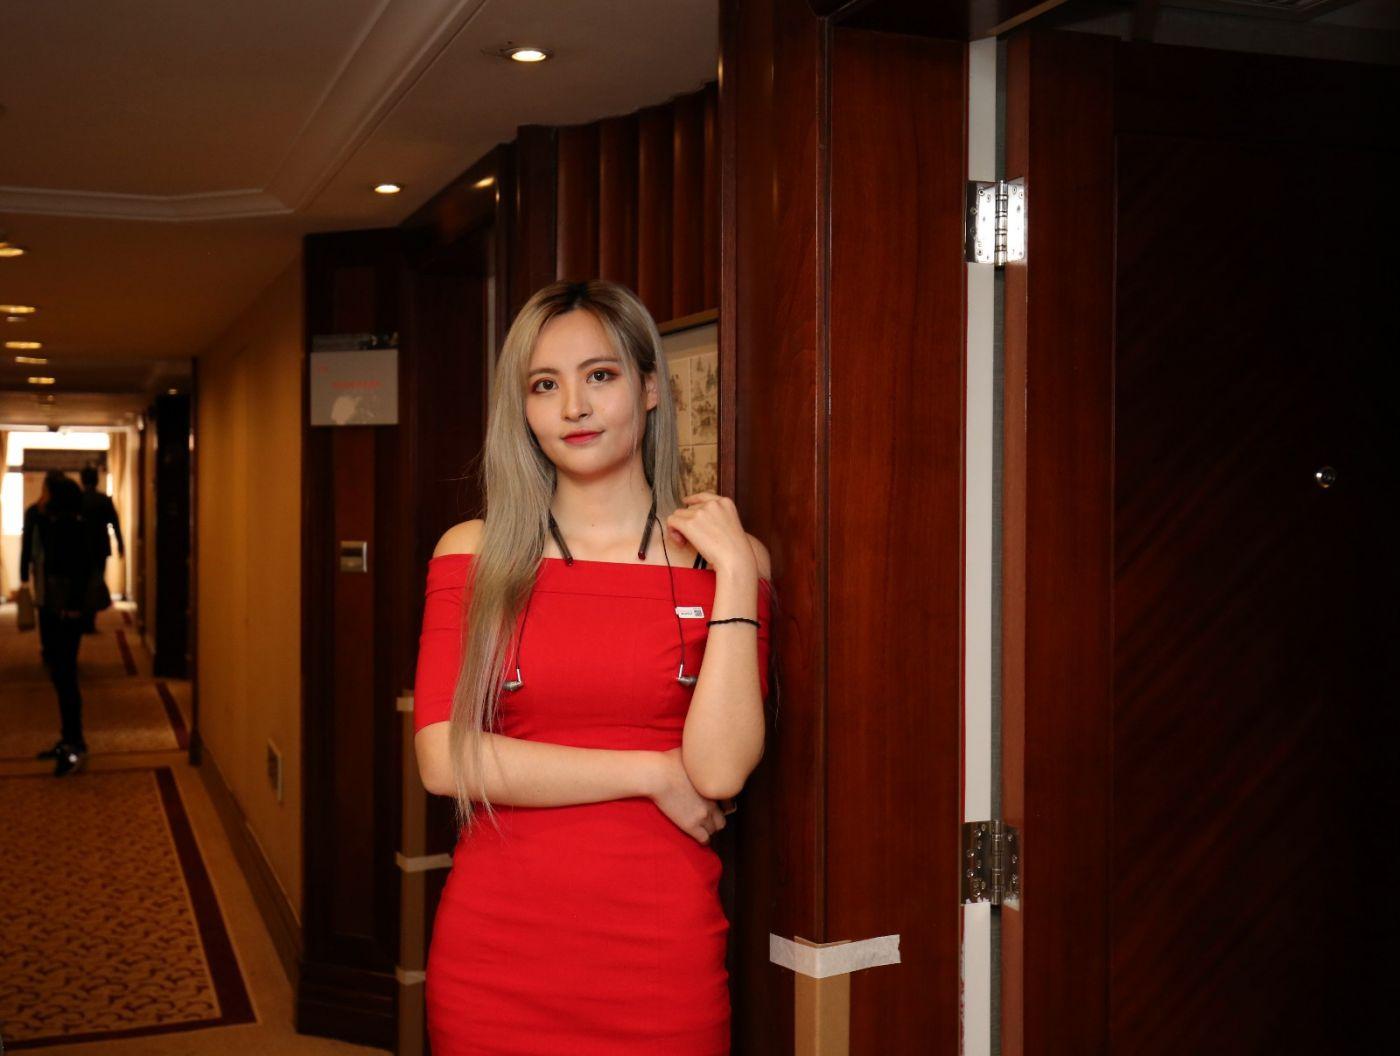 走马看花2019上海国际高级HI-FI音响展_图1-7